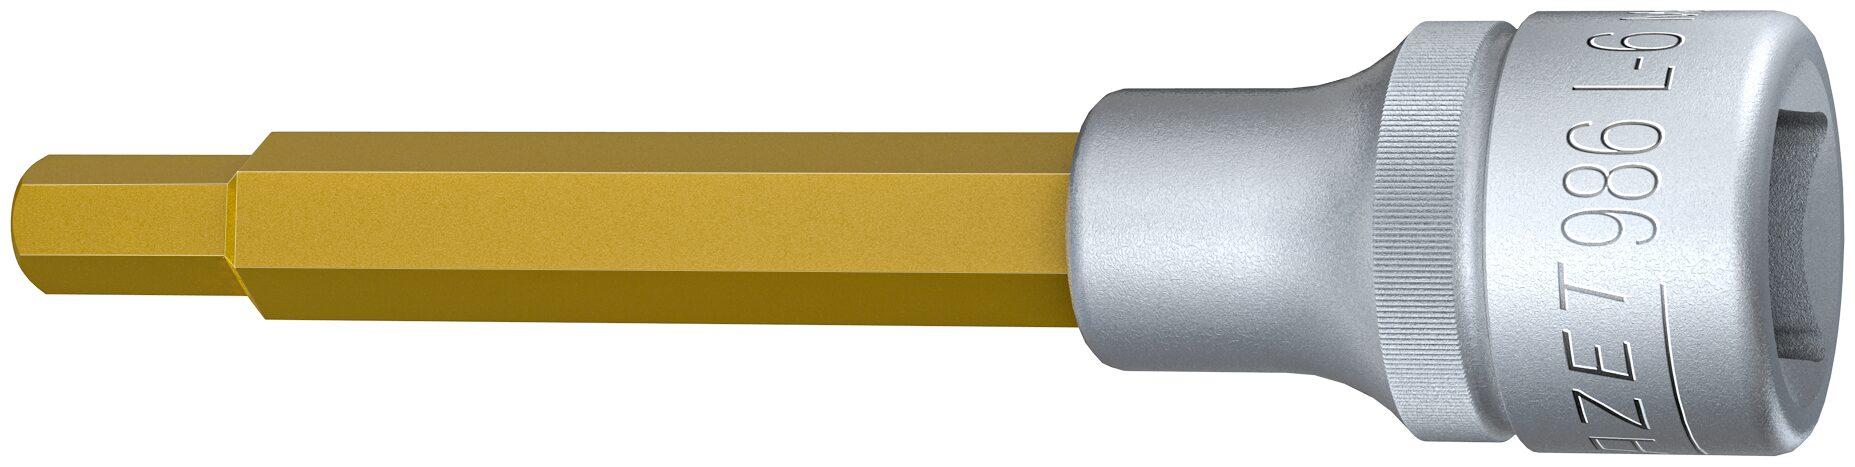 HAZET Schraubendreher-Steckschlüsseleinsatz 986L-6 ∙ Vierkant hohl 12,5 mm (1/2 Zoll) ∙ Innen-Sechskant Profil ∙ 6 mm